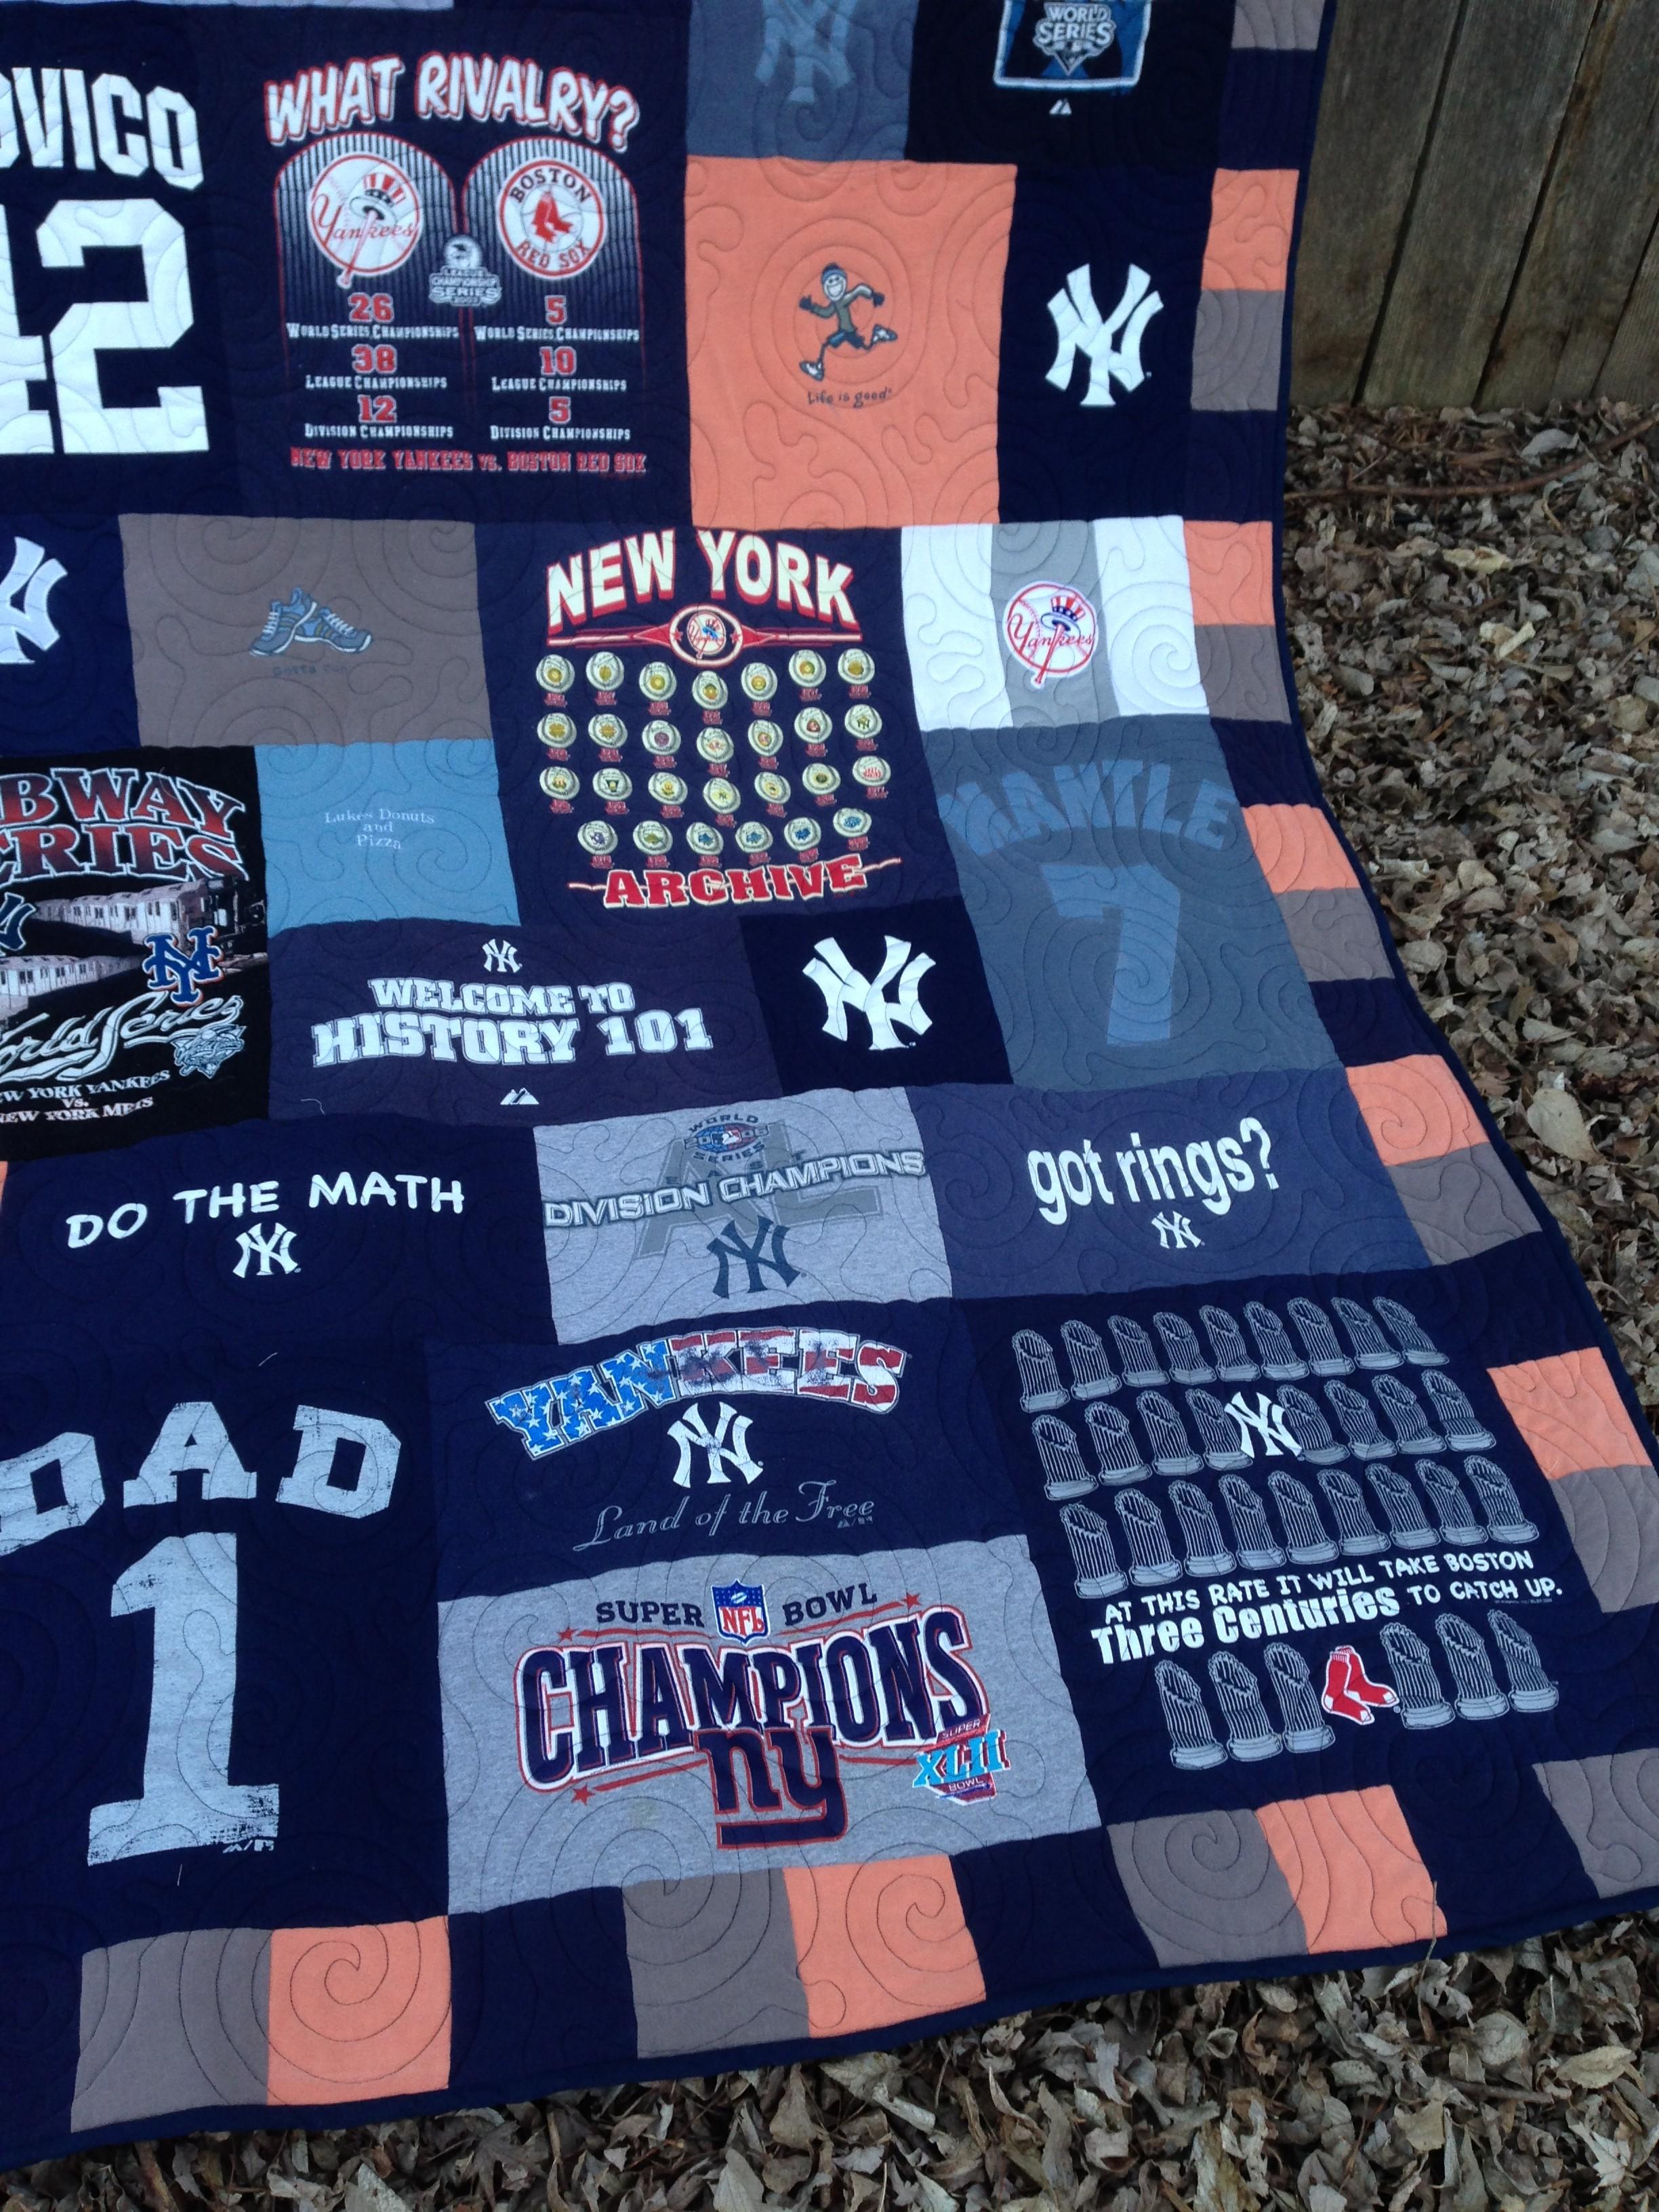 Spring Training t-shirt quilt, Yankees t-shirt quilt, official gear t-shirt quilt